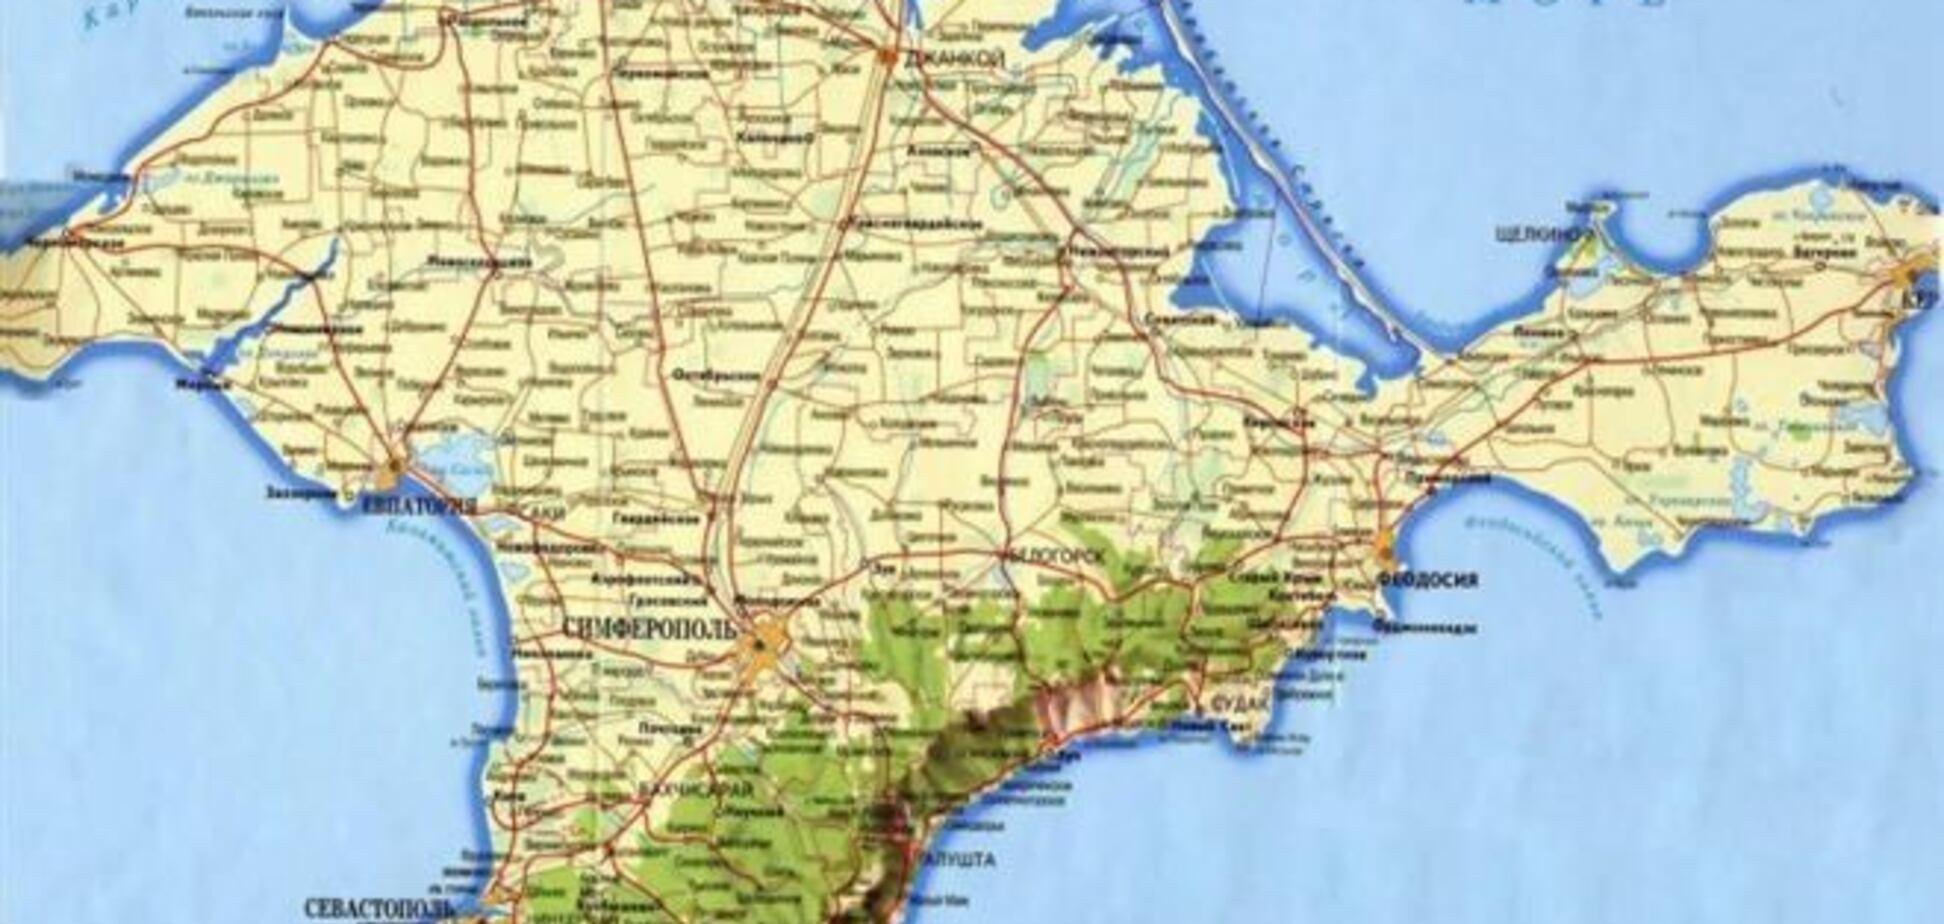 Госдума ратифицировала договор о включении Крыма в состав России